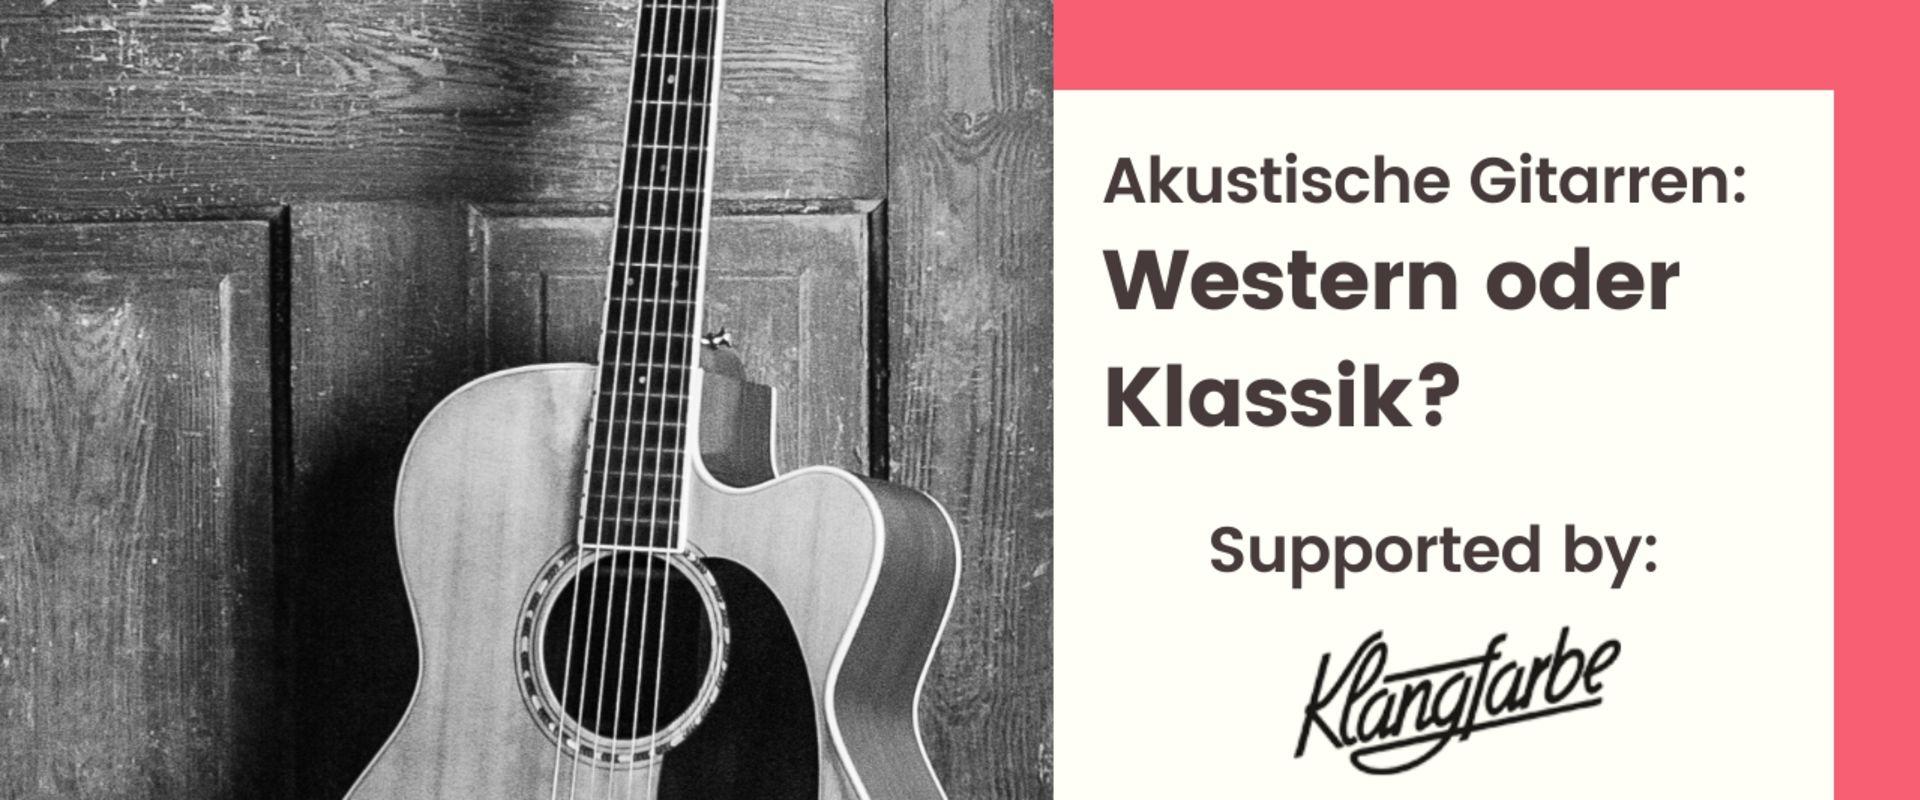 Titelbild des Blogartikels Akustische Gitarren: Western oder Klassik?